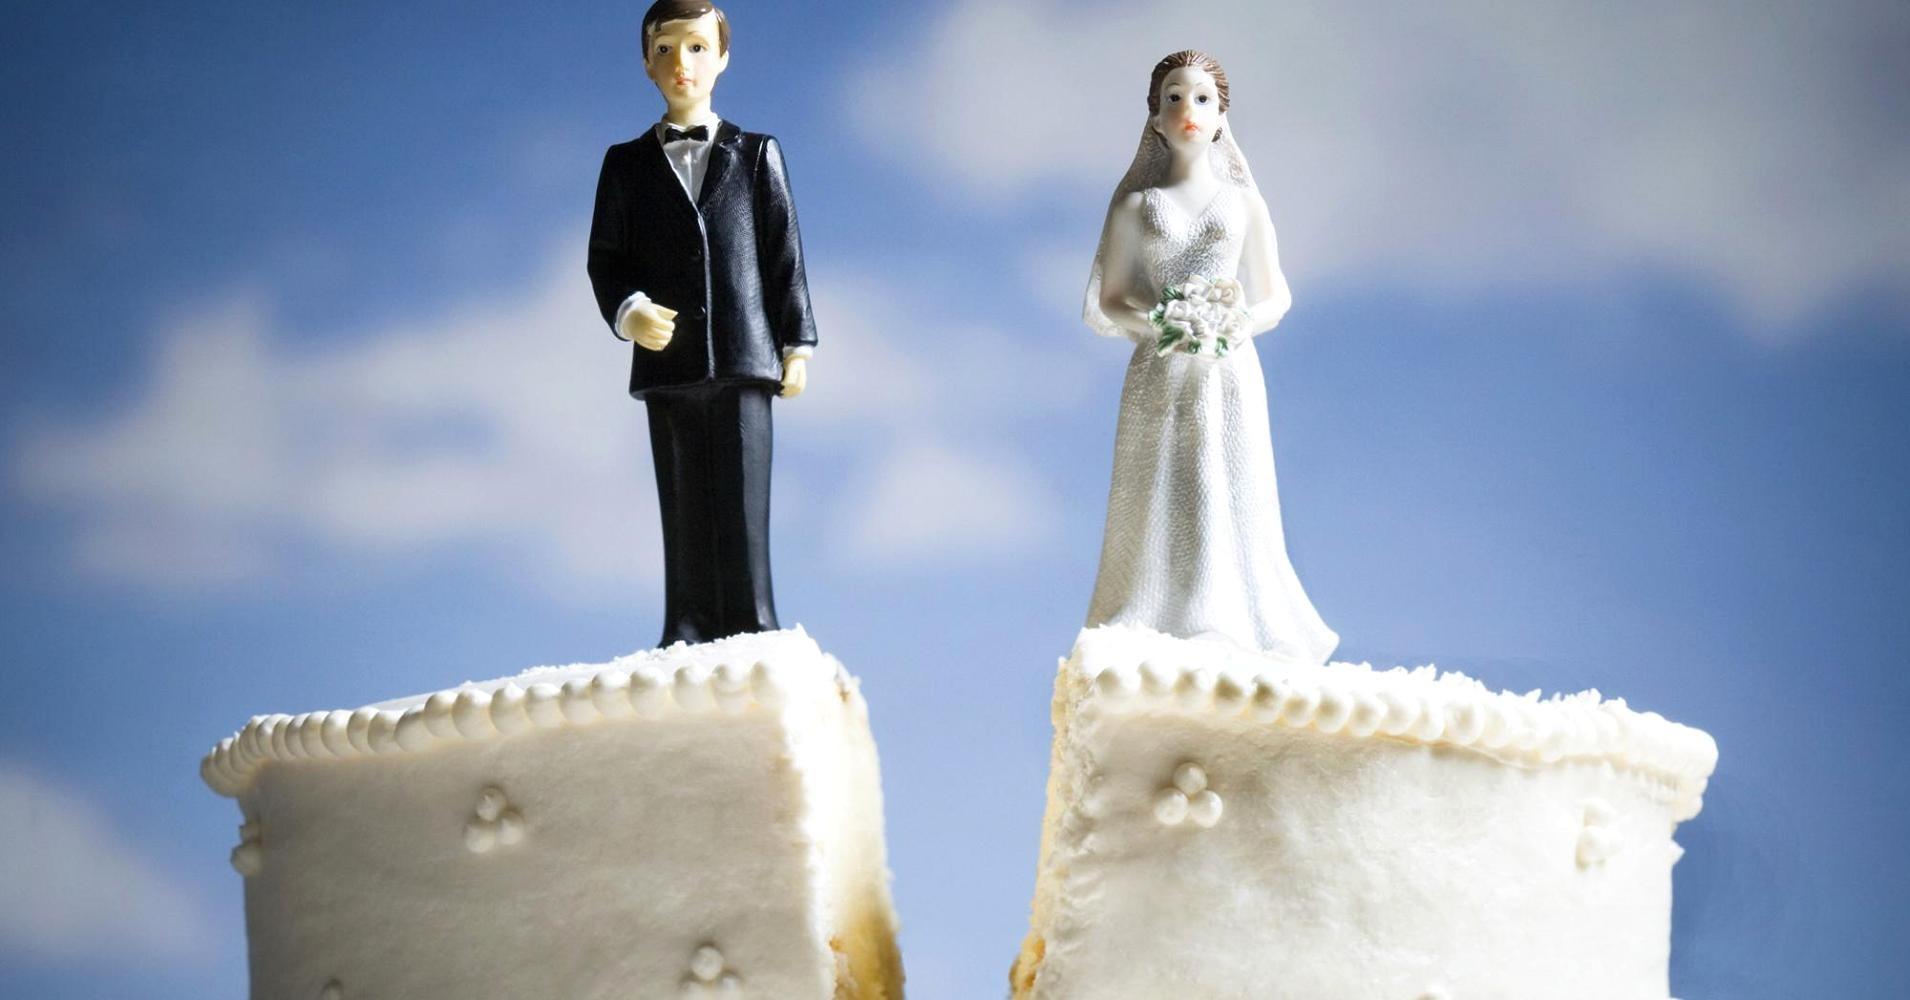 Условия раздела имущества при разводе могут поменять